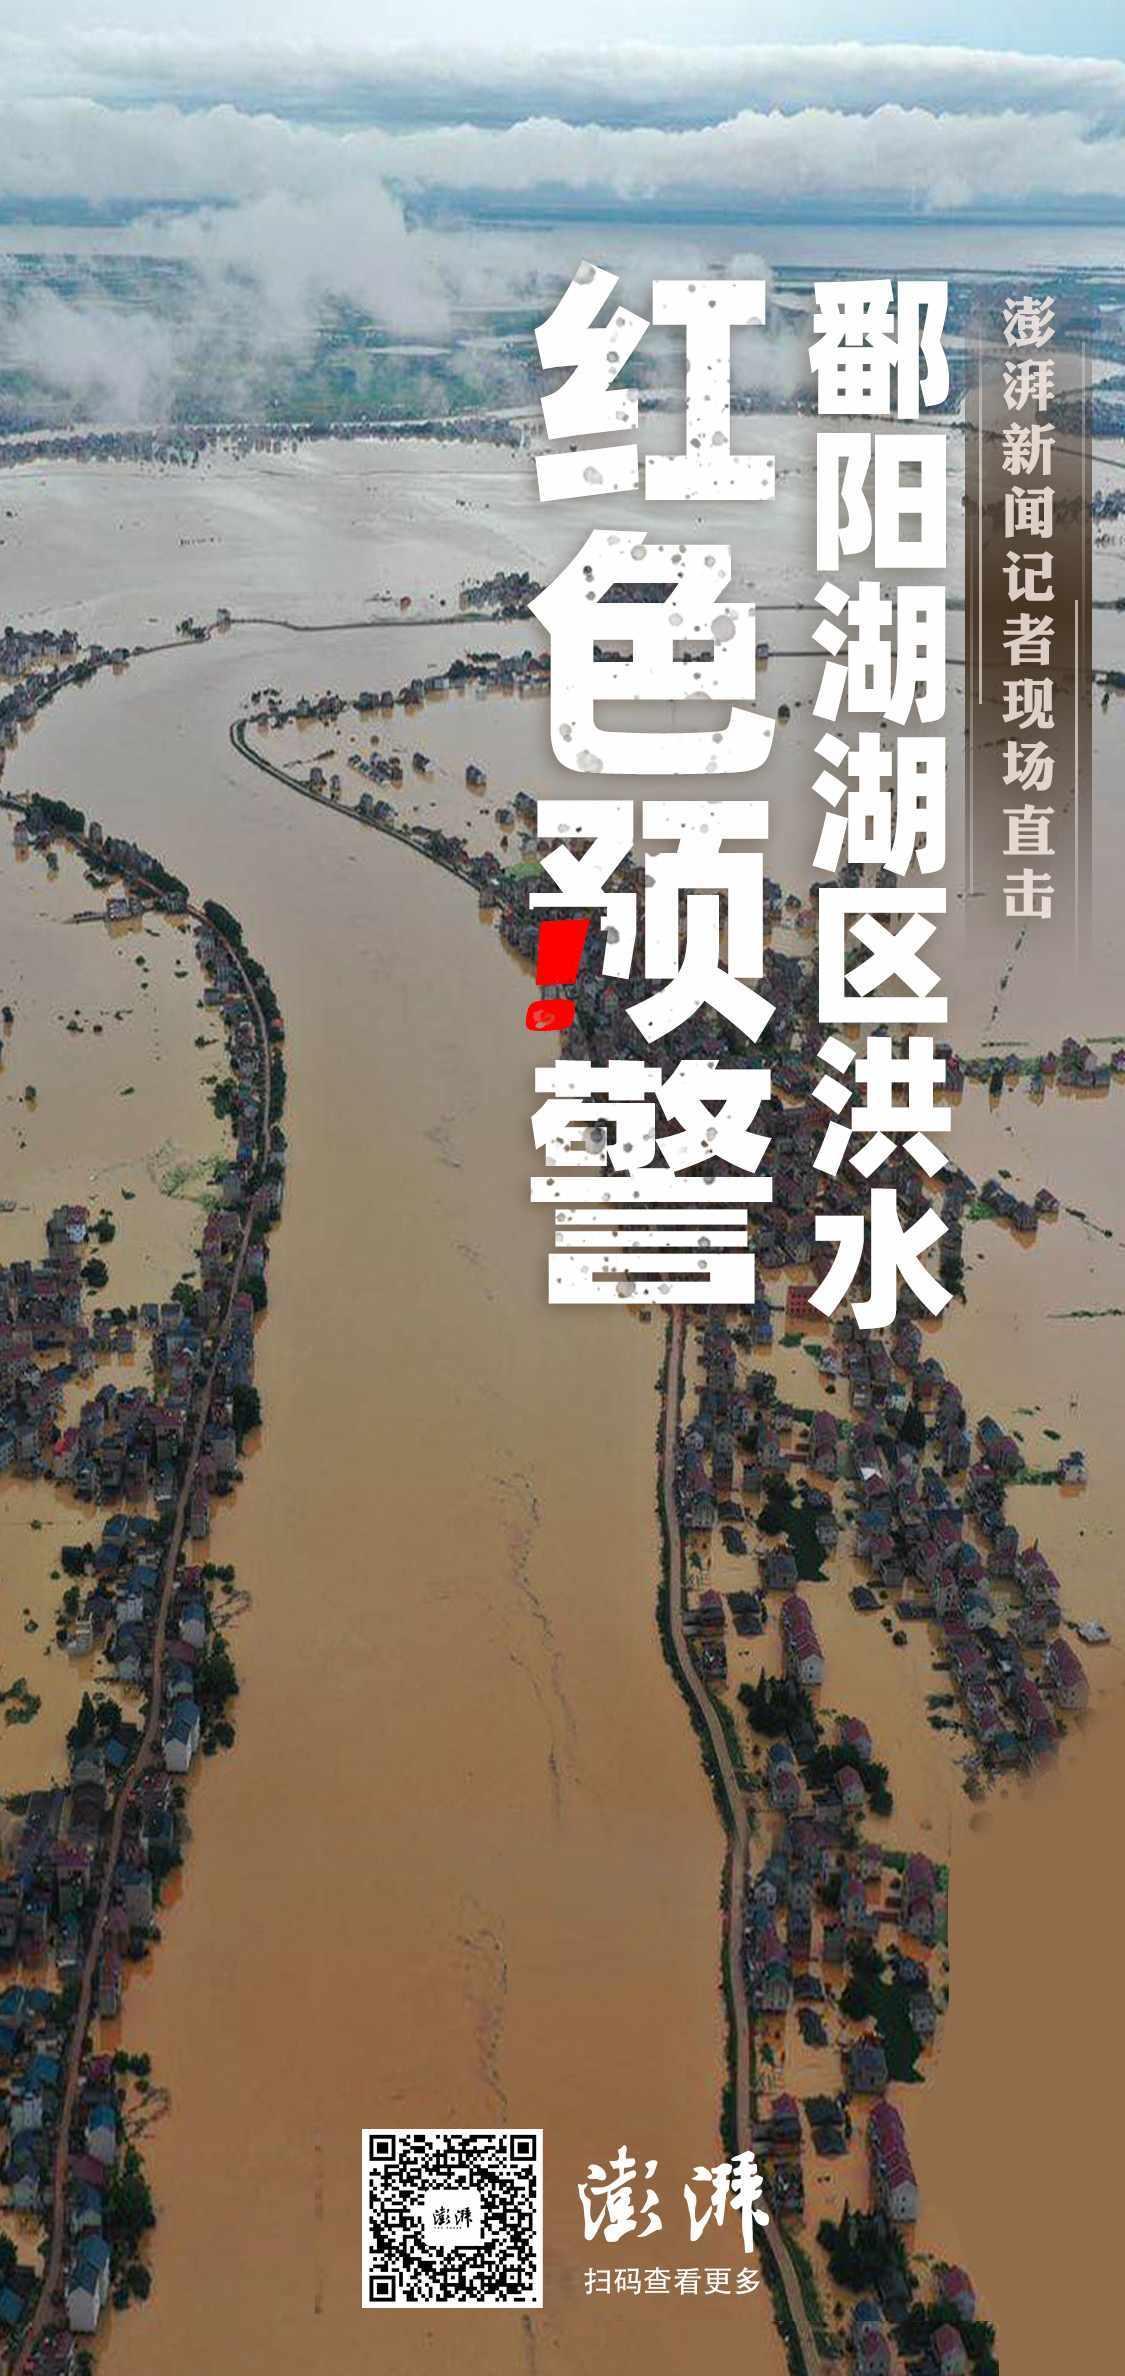 鄱阳当地村民回忆圩堤决口现场:村子四面是水,像个孤岛